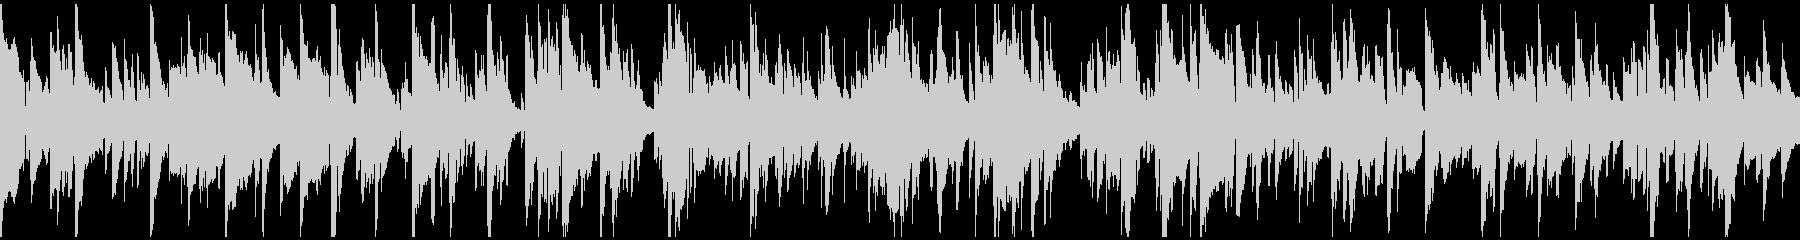 ムードある素敵なジャズバラード※ループ版の未再生の波形